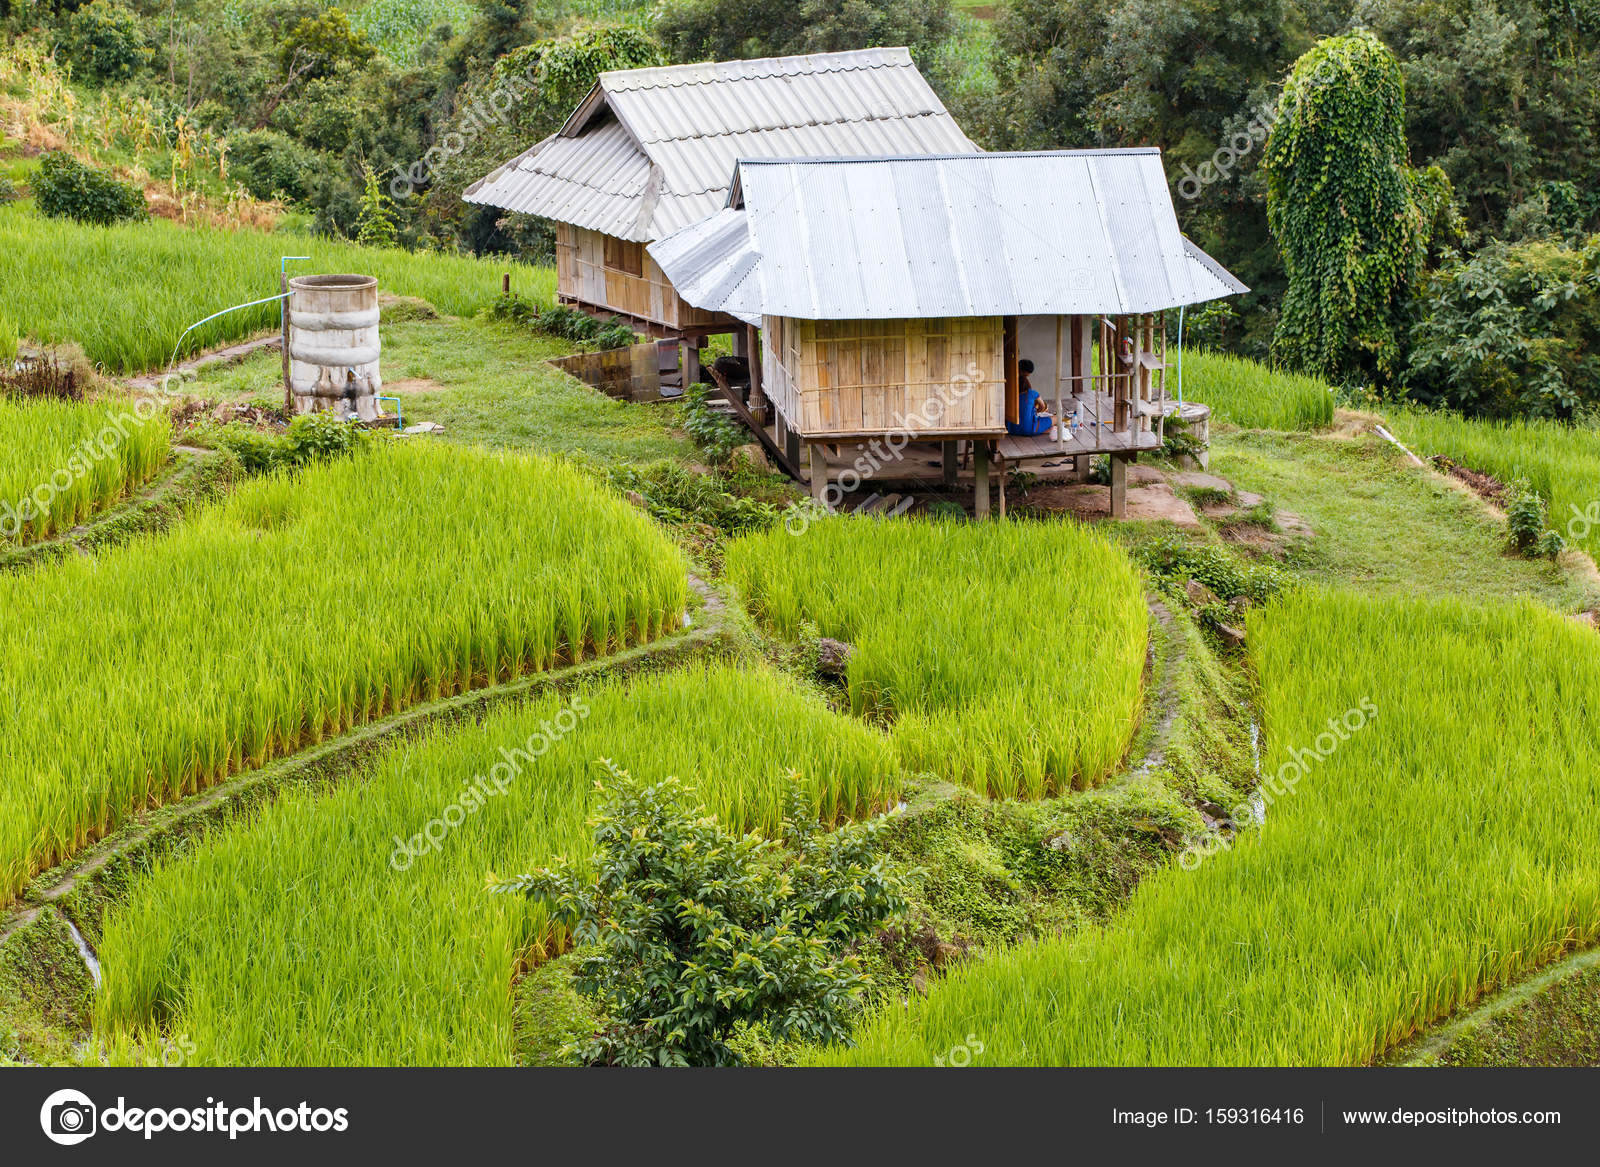 Piccola casa al campo di riso a terrazze verdi in pa pong piang ...